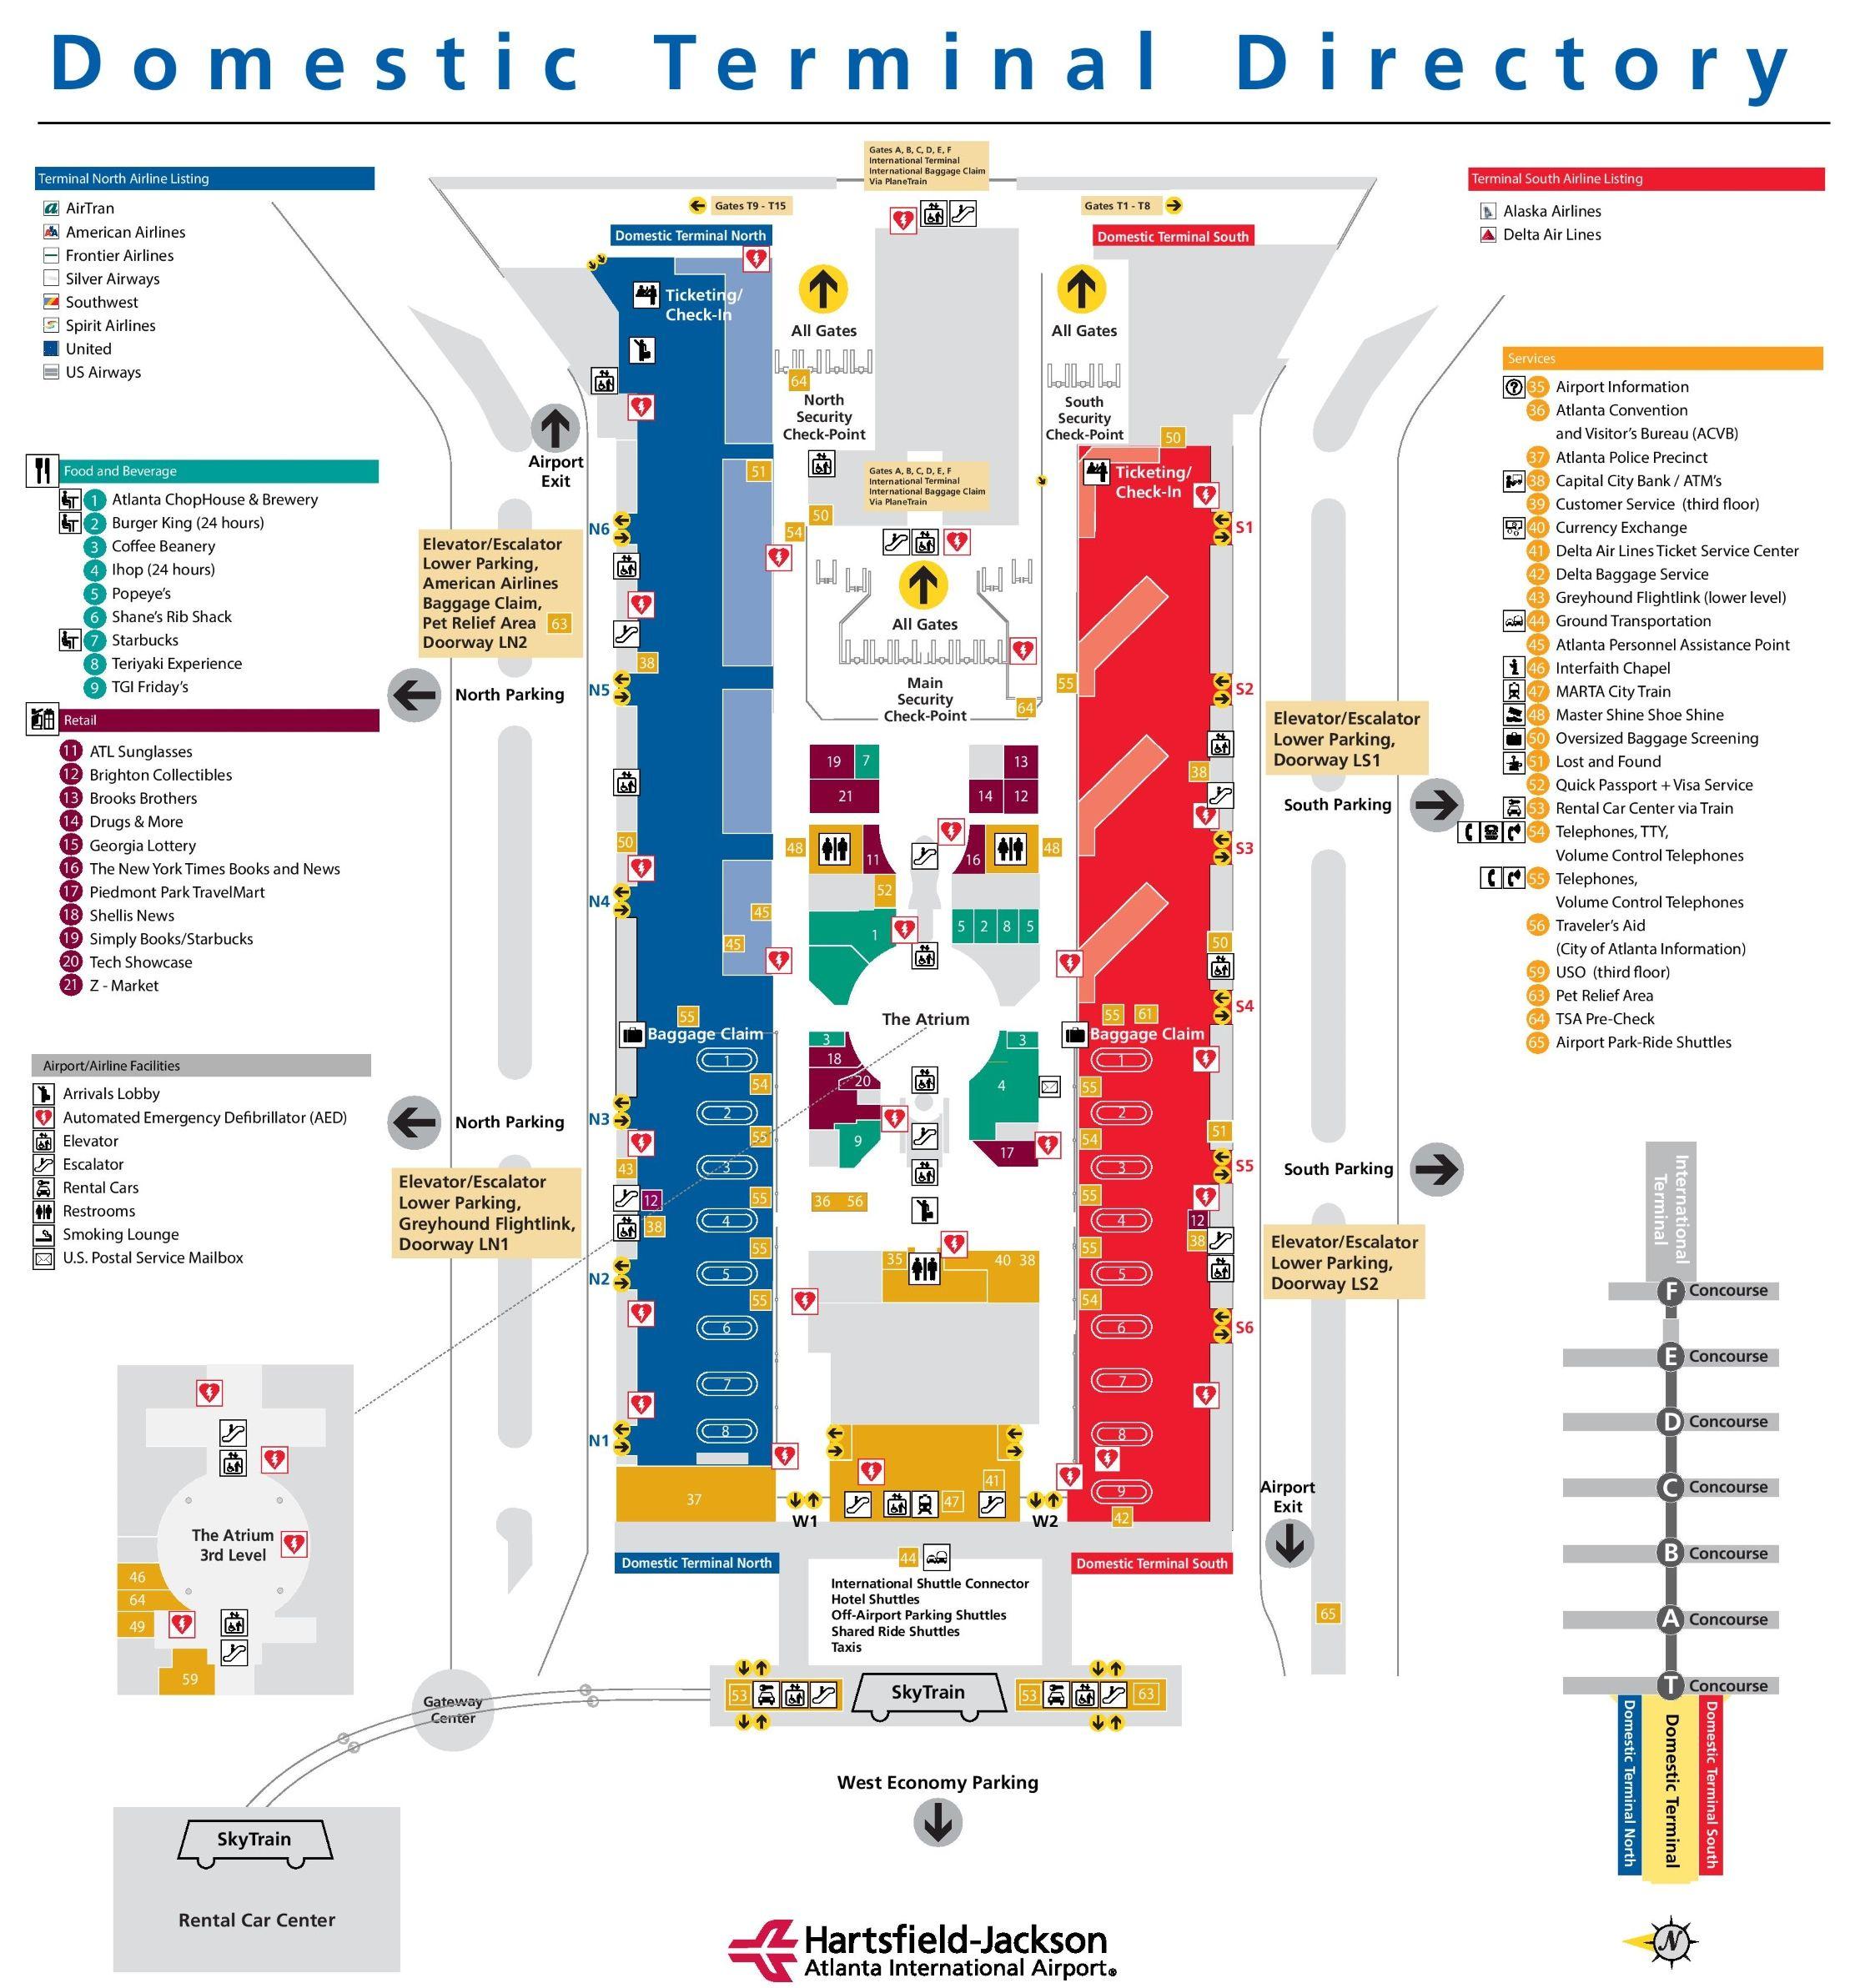 Atlanta Hartsfield Airport Terminal Map Atlanta airport main terminal map | Travel Dreams in 2019